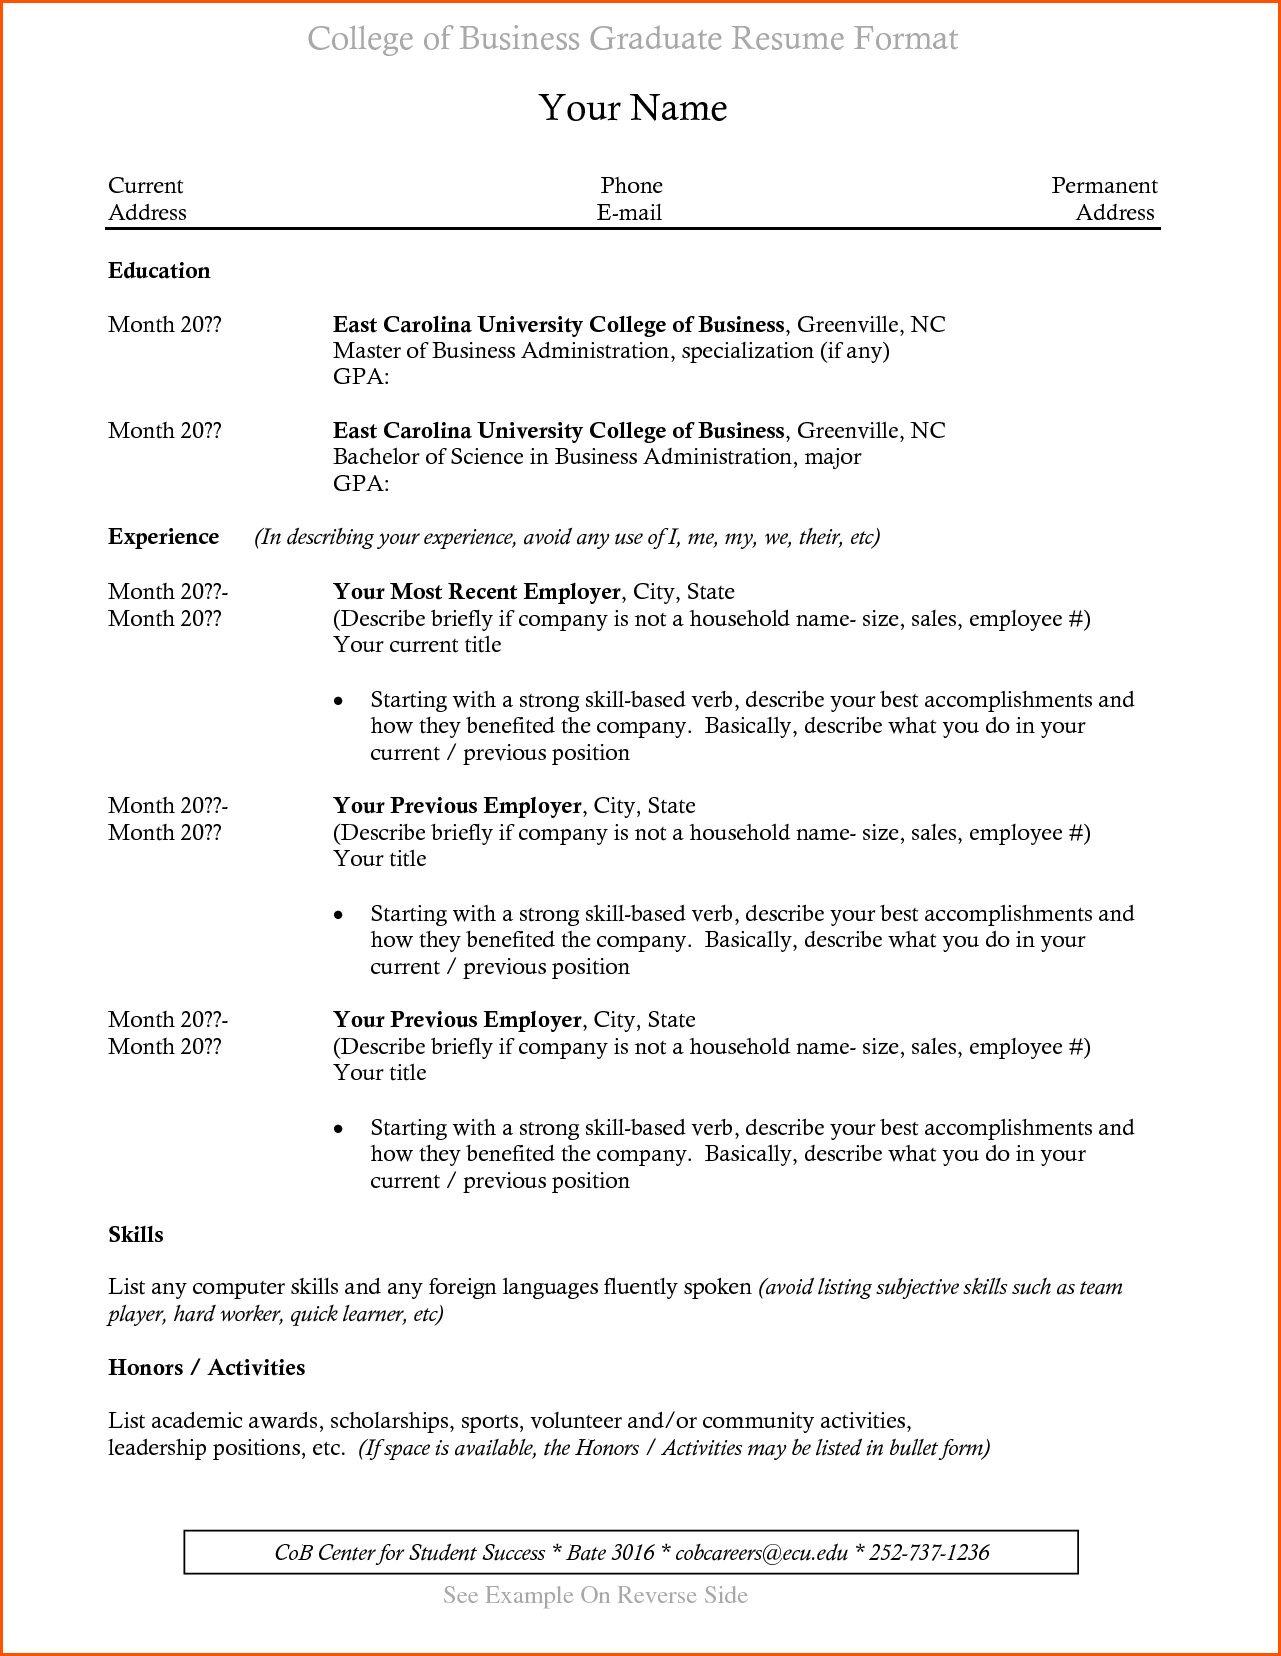 resume examples college graduate